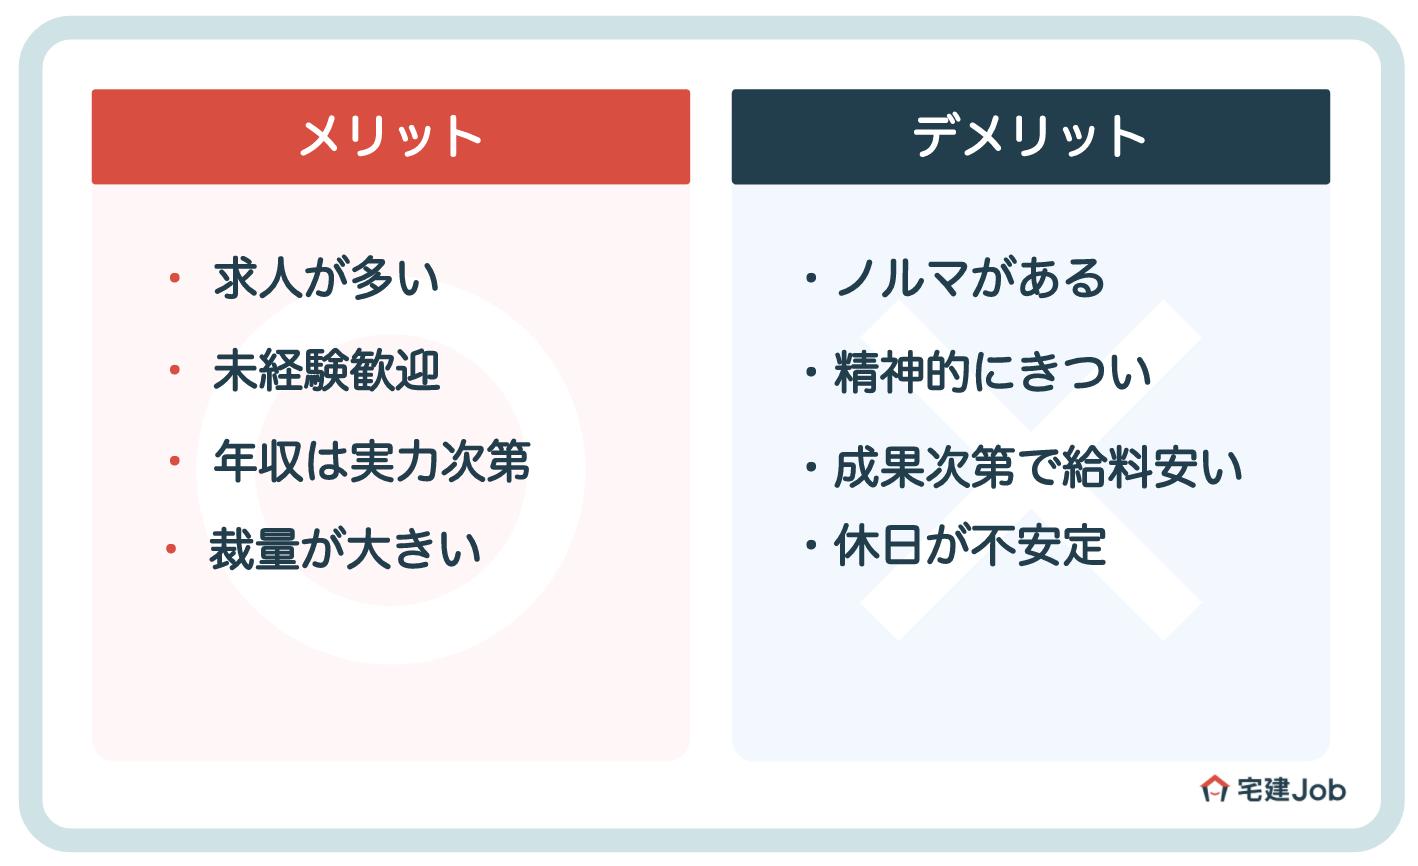 2.営業が稼げる落とし穴【働くデメリット】